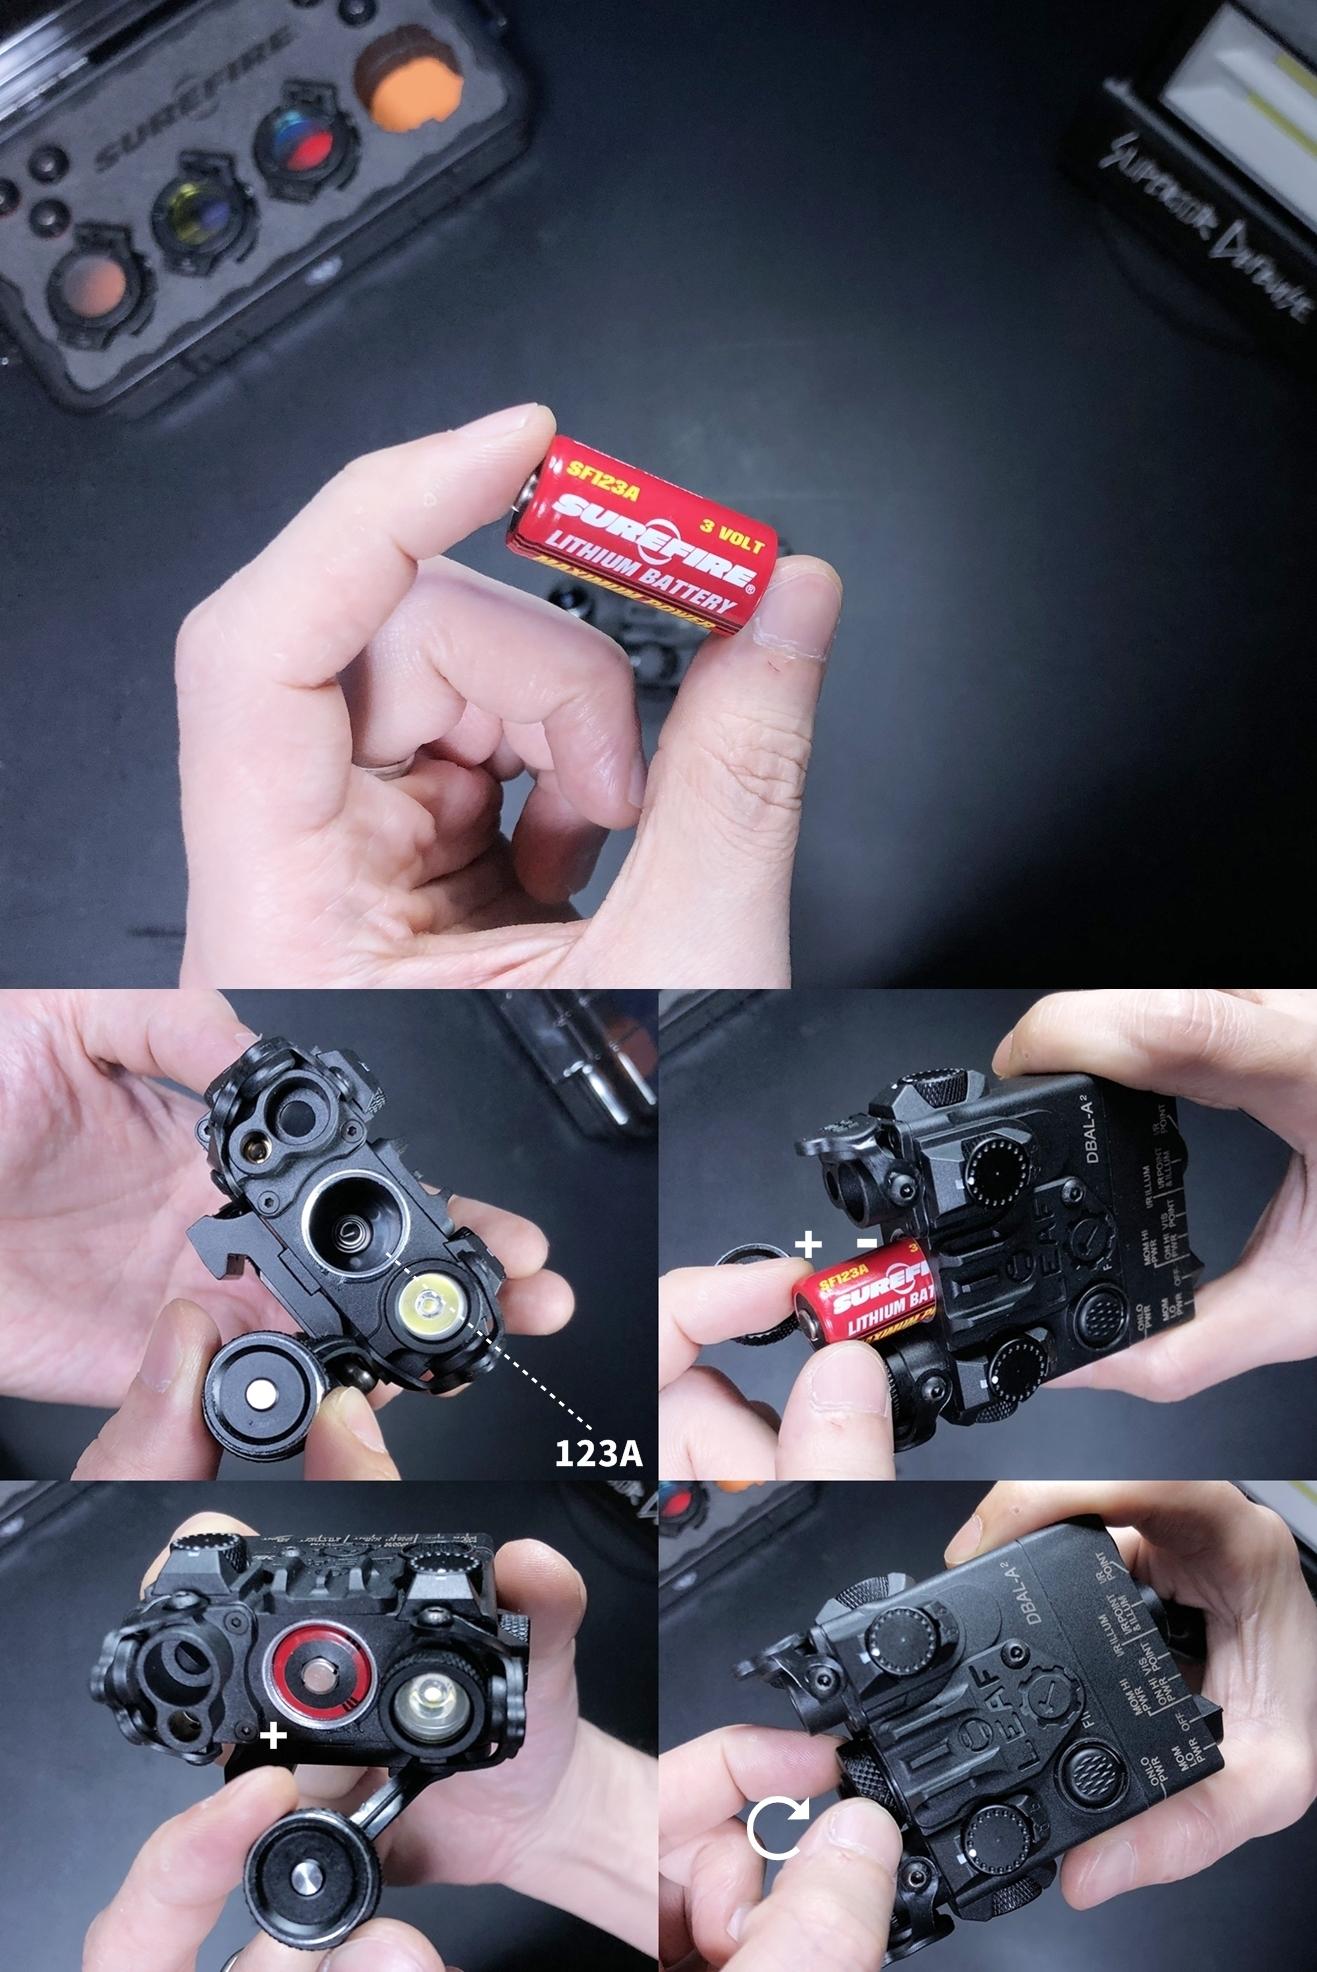 12 SOTAC GEAR DBAL-A2 ANPEQ-15A!! 巷で噂の新製品!!軽量ナイロン製だ!!果たしてLEDライト機能だけなのか! レーザーオミット解除方法!! 購入 検証 比較 解除 取付 レビュー!!